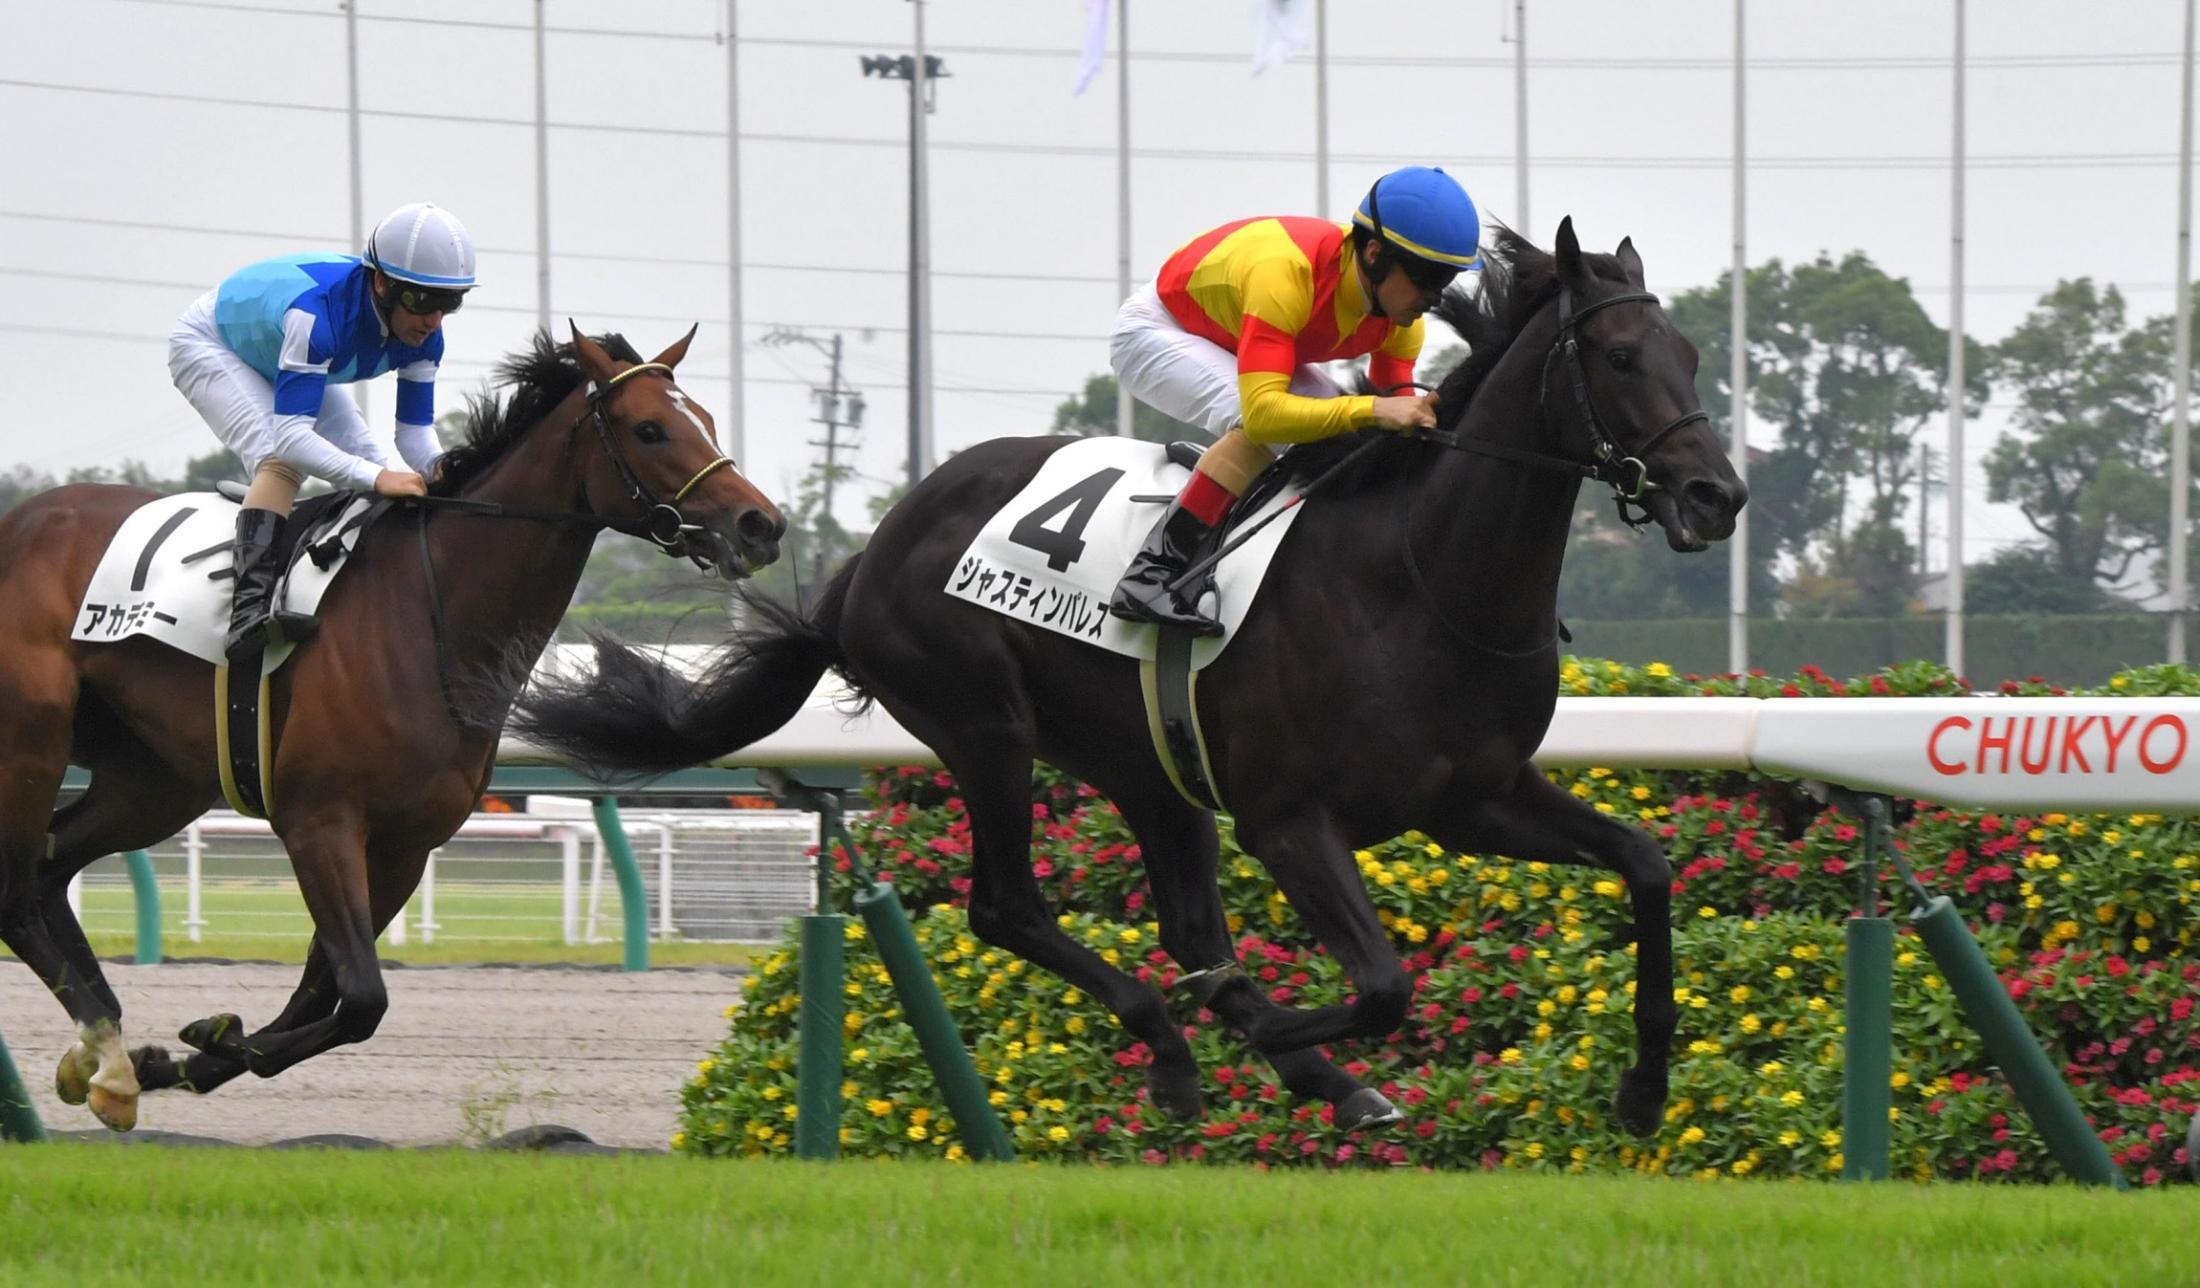 中京5Rの新馬戦を制したジャスティンパレス(右)